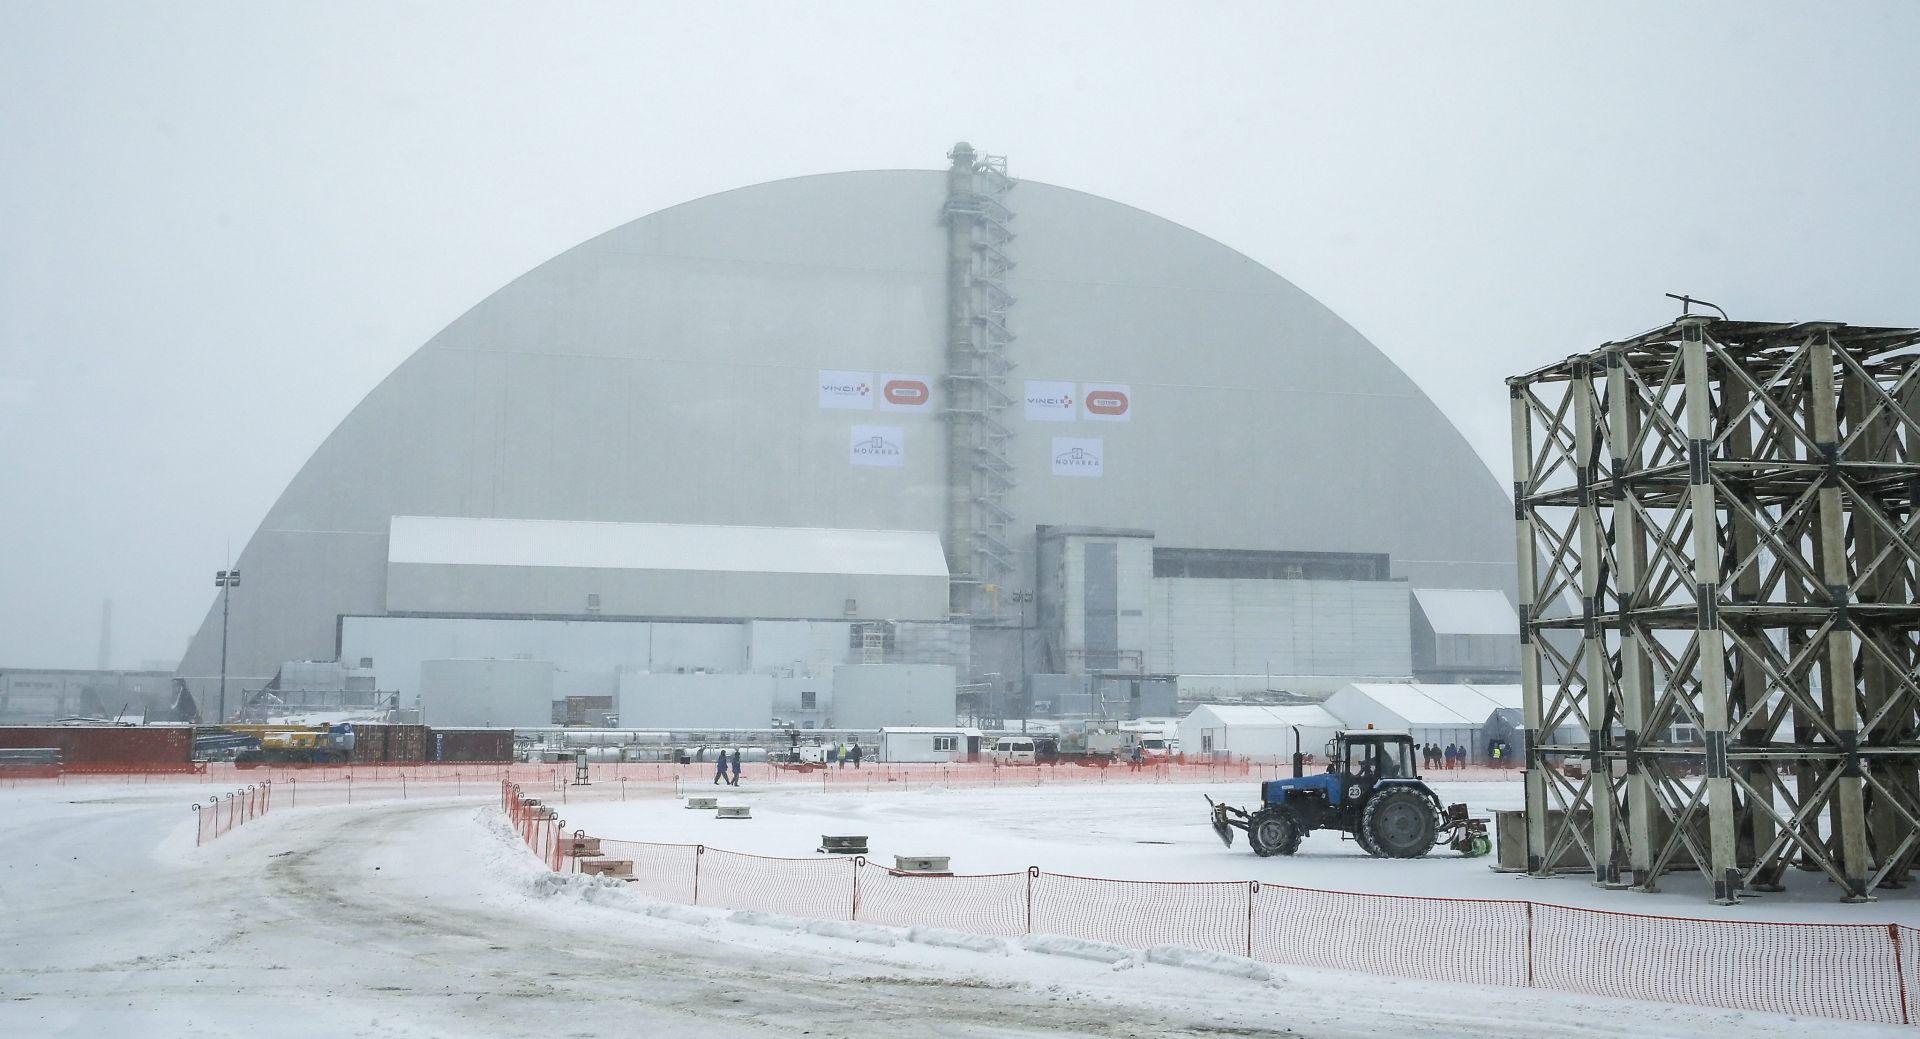 ZAVRŠETAK RADOVA: Iznad Černobila postavljen novi zaštitni 'sarkofag'